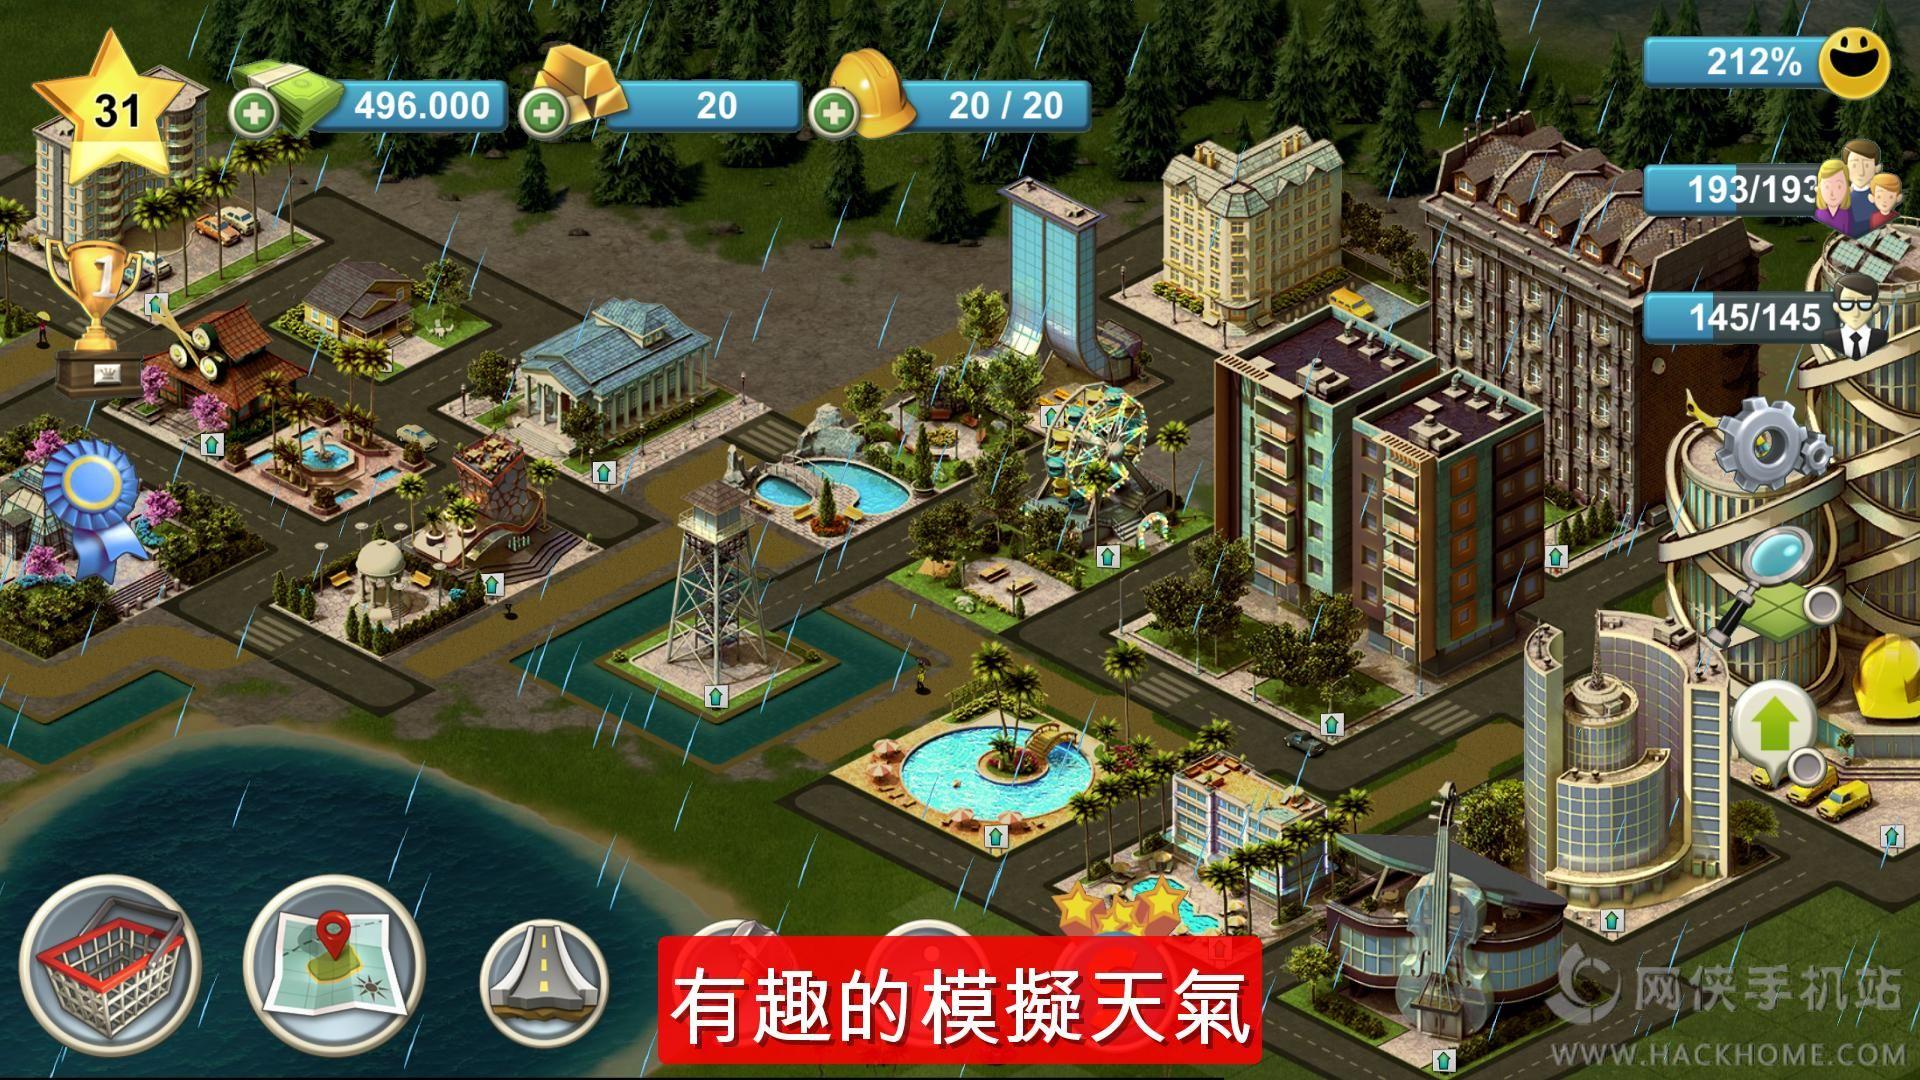 模拟人生1i'9�'kK�_岛屿4模拟人生游戏安卓版下载(city island 4 sim town tycoon) v1.